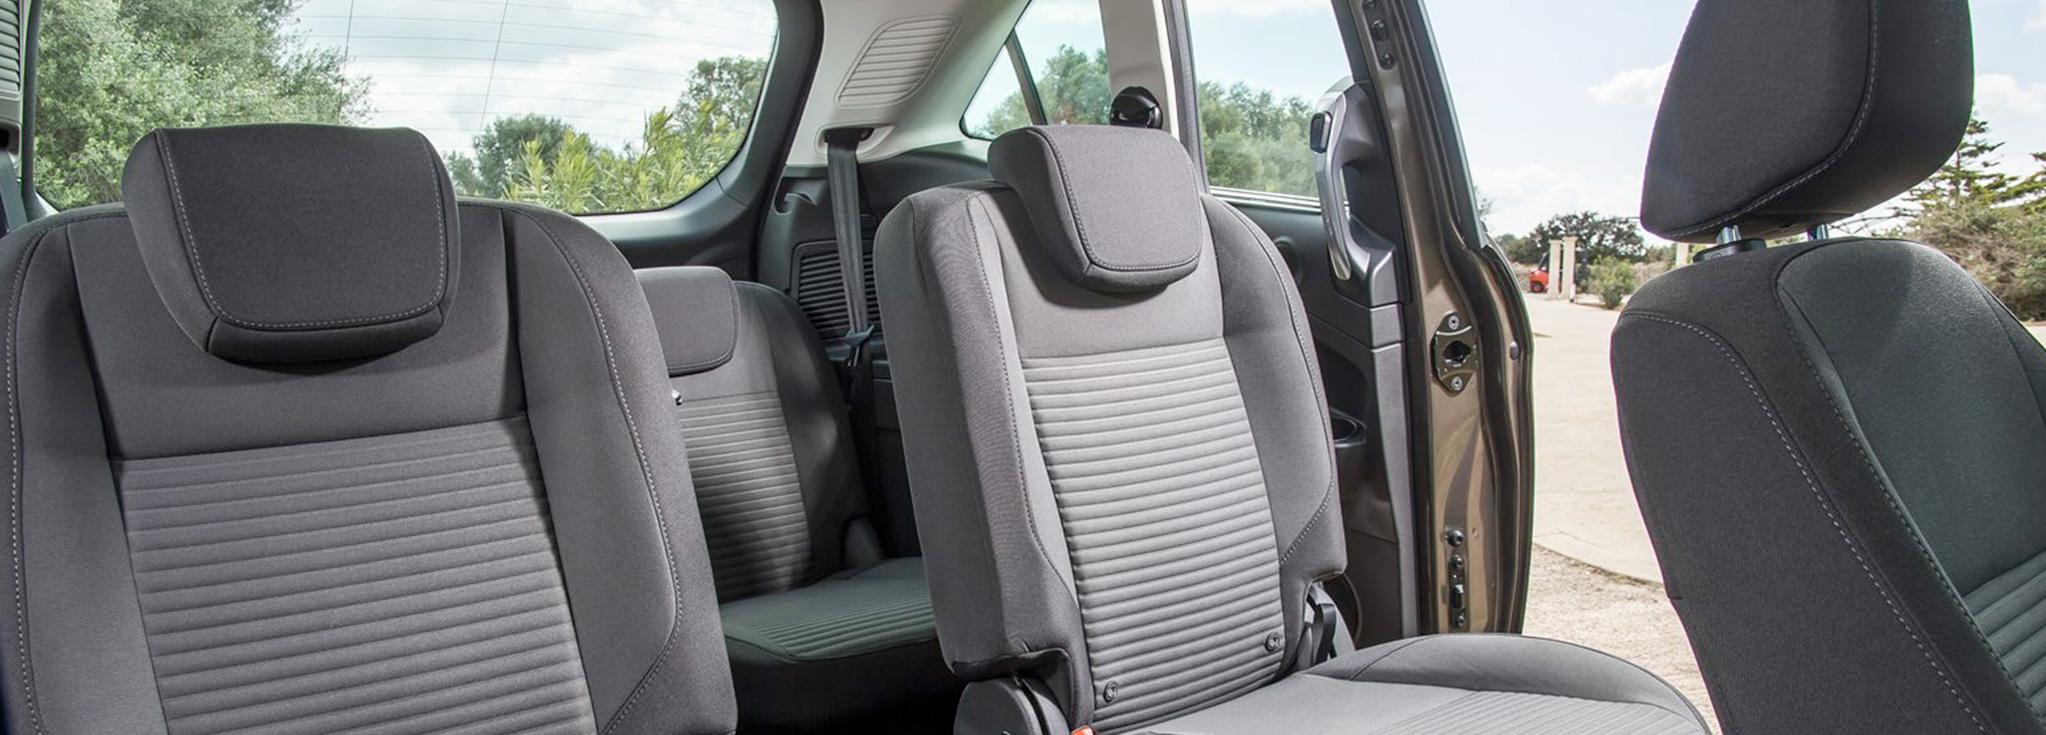 interior del Ford Grand C-Max